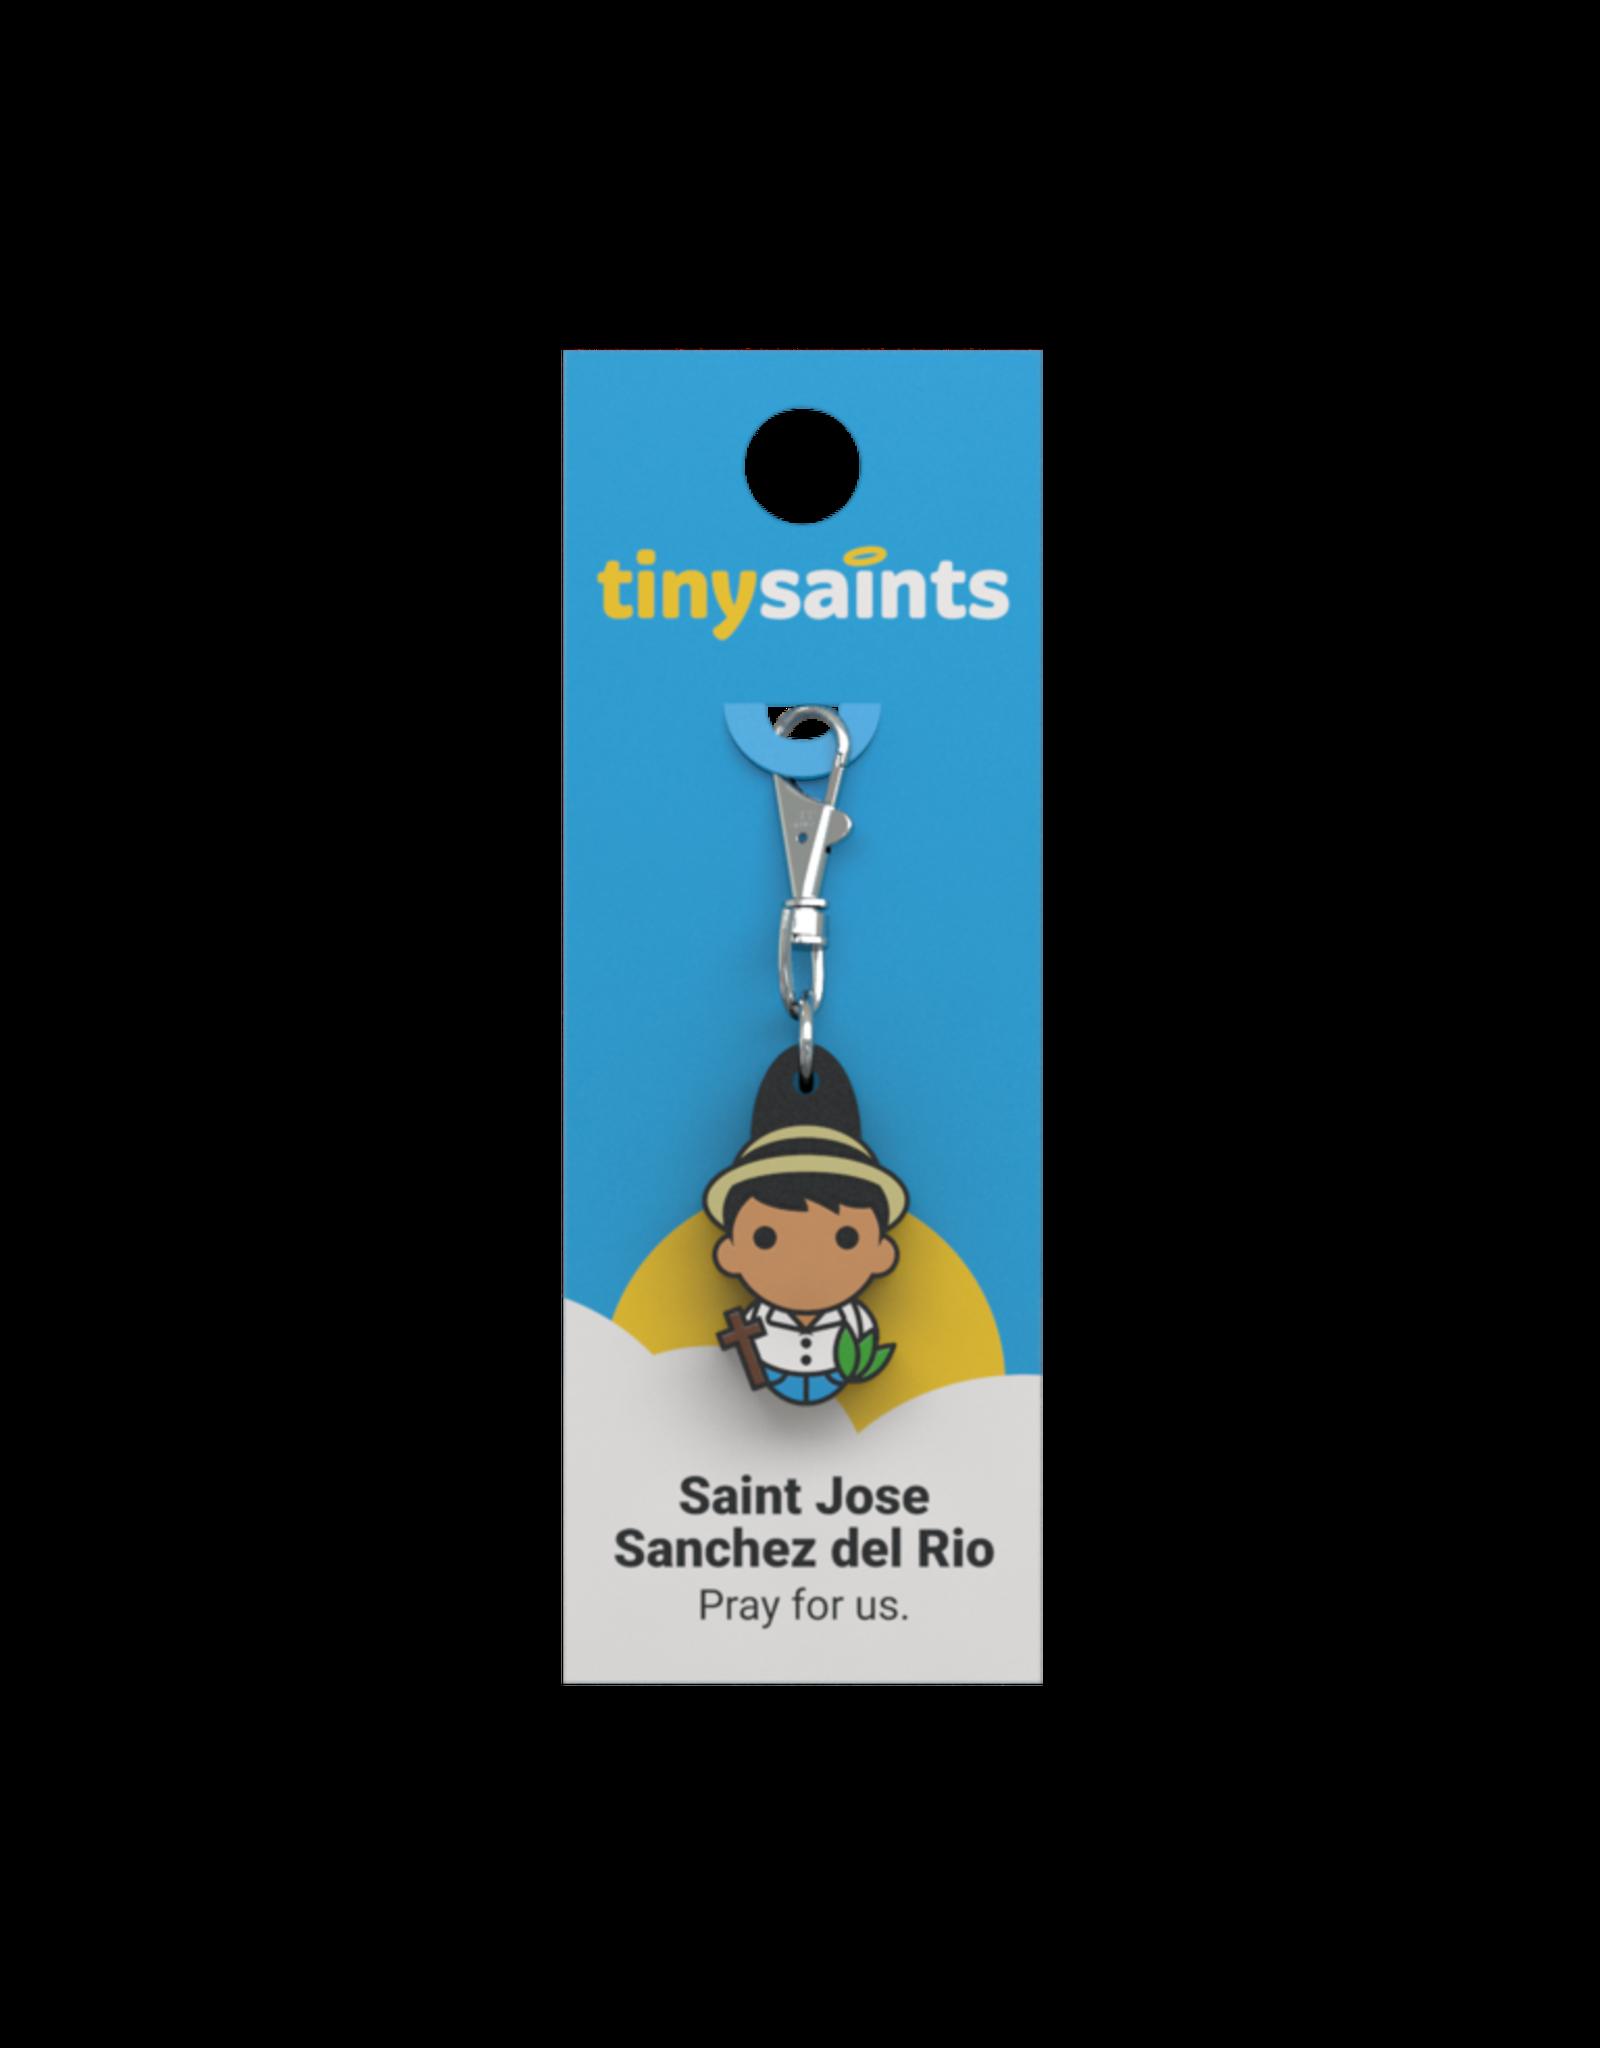 Tiny Saints Tiny Saints Charm - St Jose Sanchez del Rio